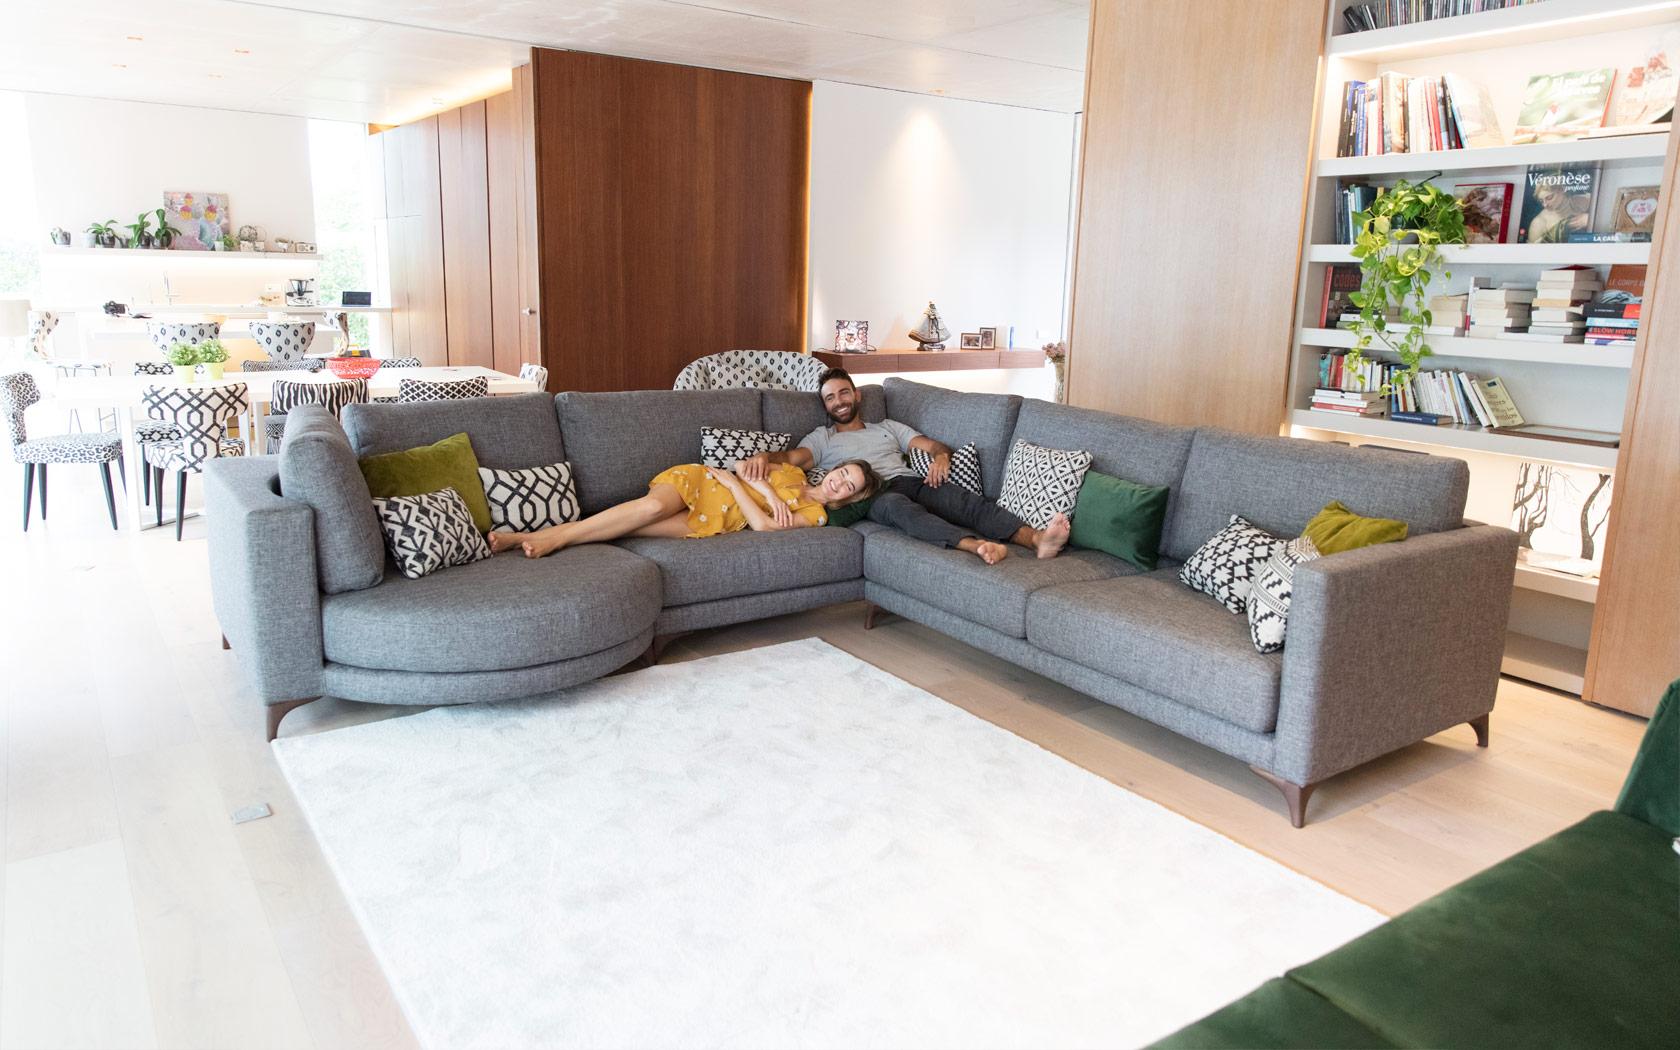 Opera sofa Fama 2020 05